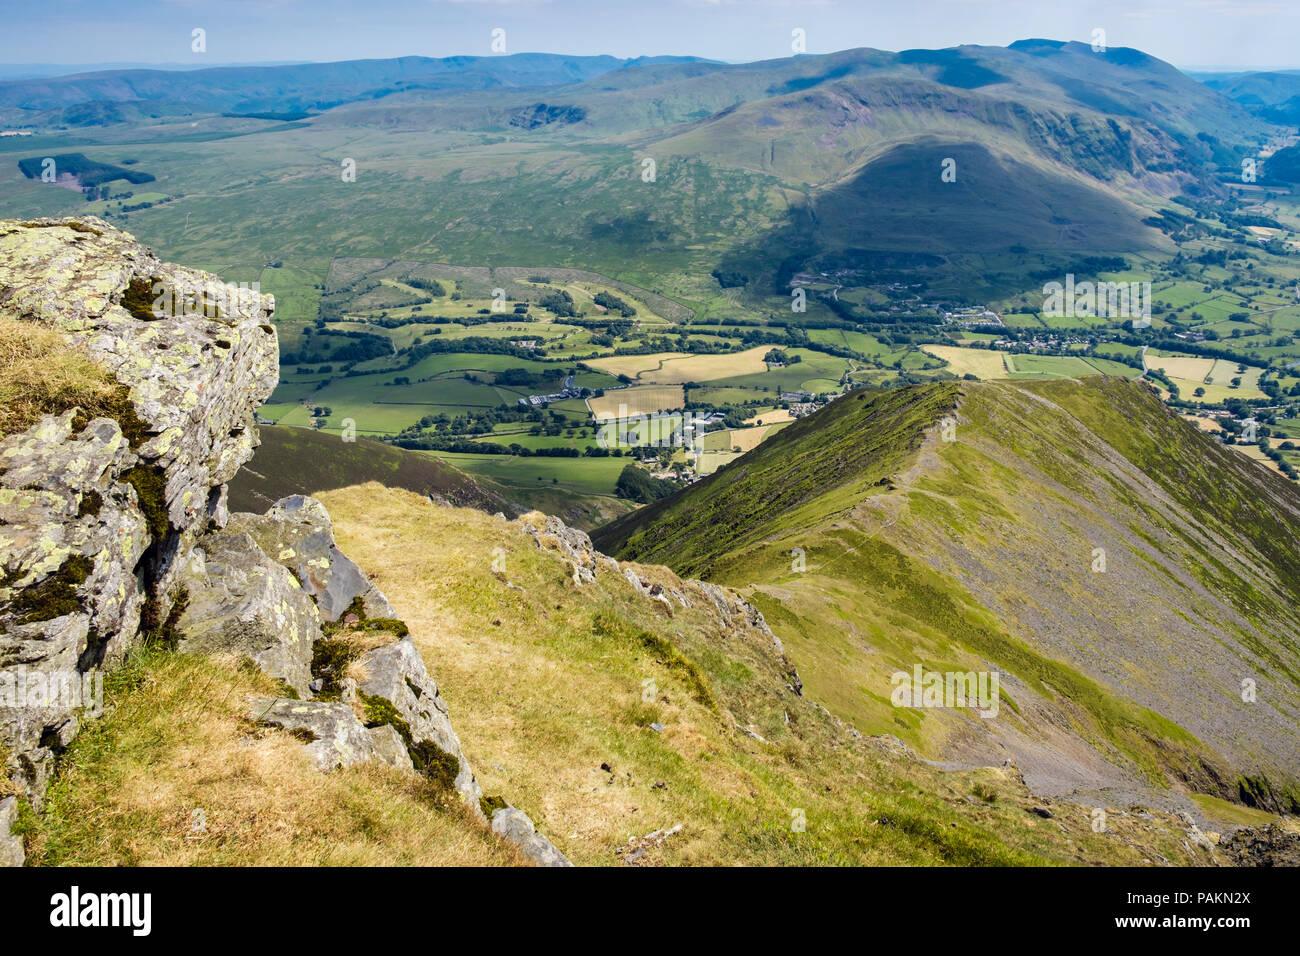 Visualizza in basso sale cadde sulla sommità Blencathra (a doppio spiovente) summit ridge a Threlkeld, nel nord del Parco Nazionale del Distretto dei Laghi, Cumbria, Regno Unito, Gran Bretagna Immagini Stock